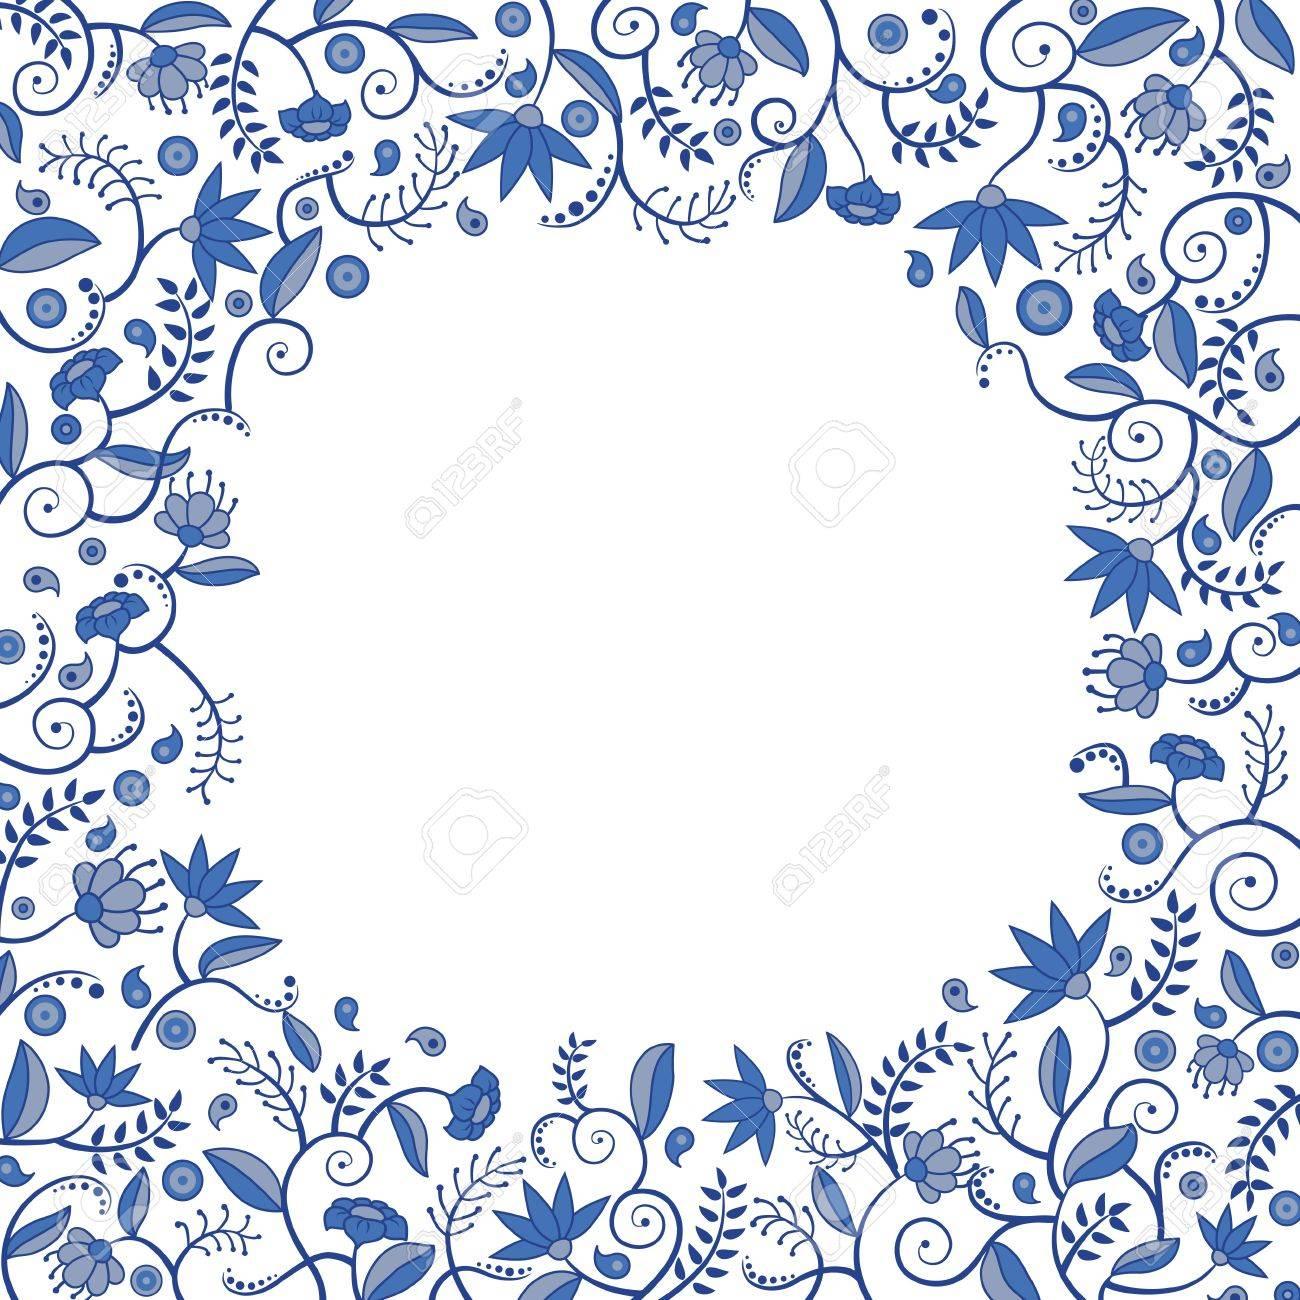 Floral border pattern - 17068524